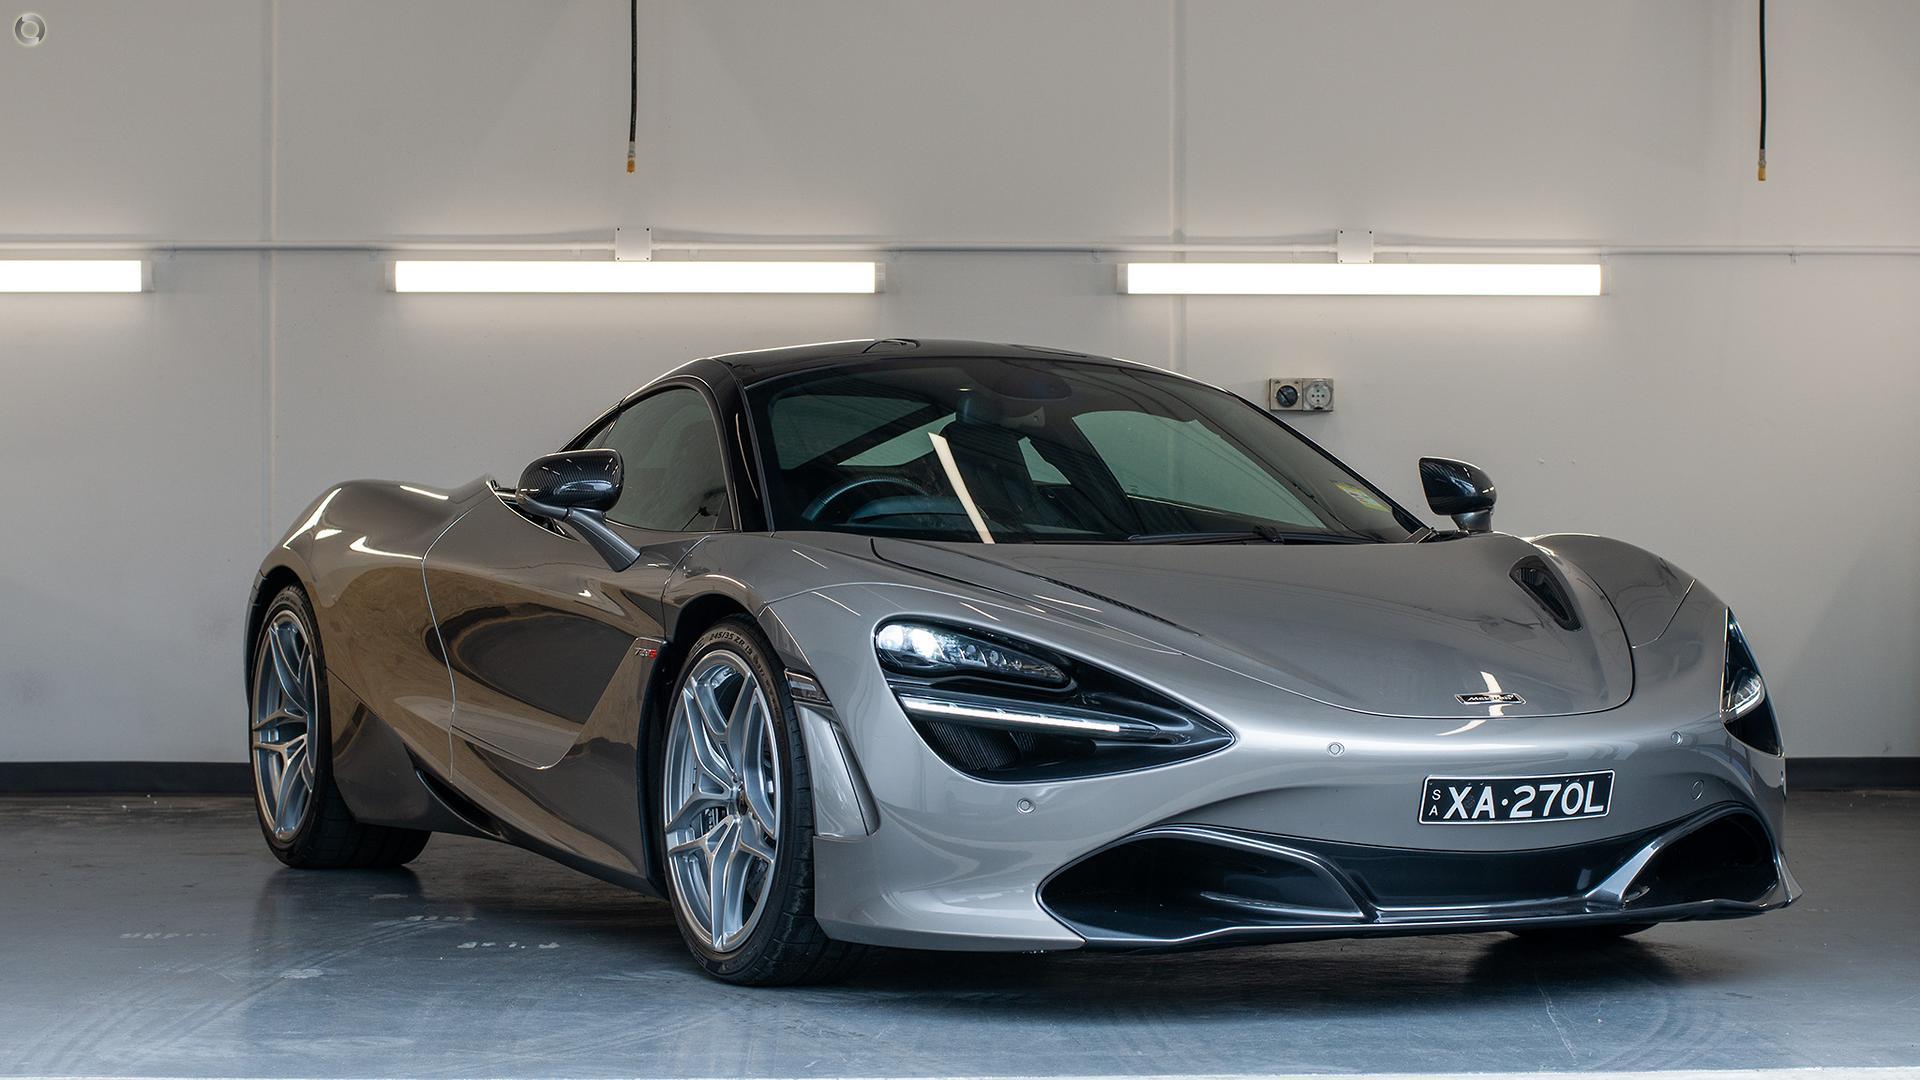 2018 McLaren 720S  P14